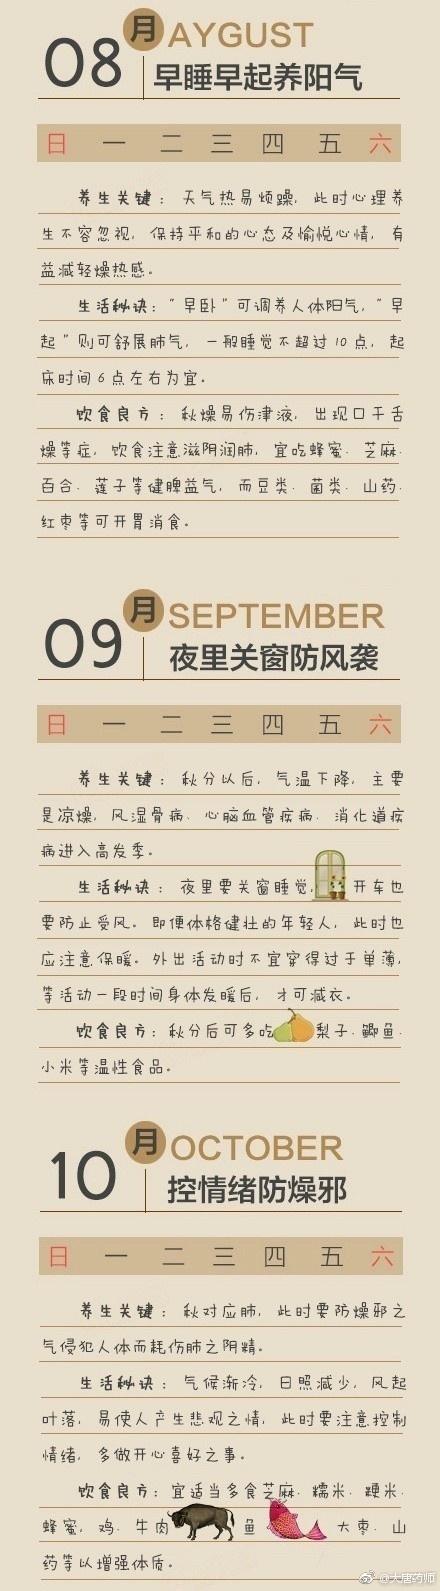 中医养生:每个月的养生方式都会有不同哦,超全的养生知识,收藏 中医养生 第8张